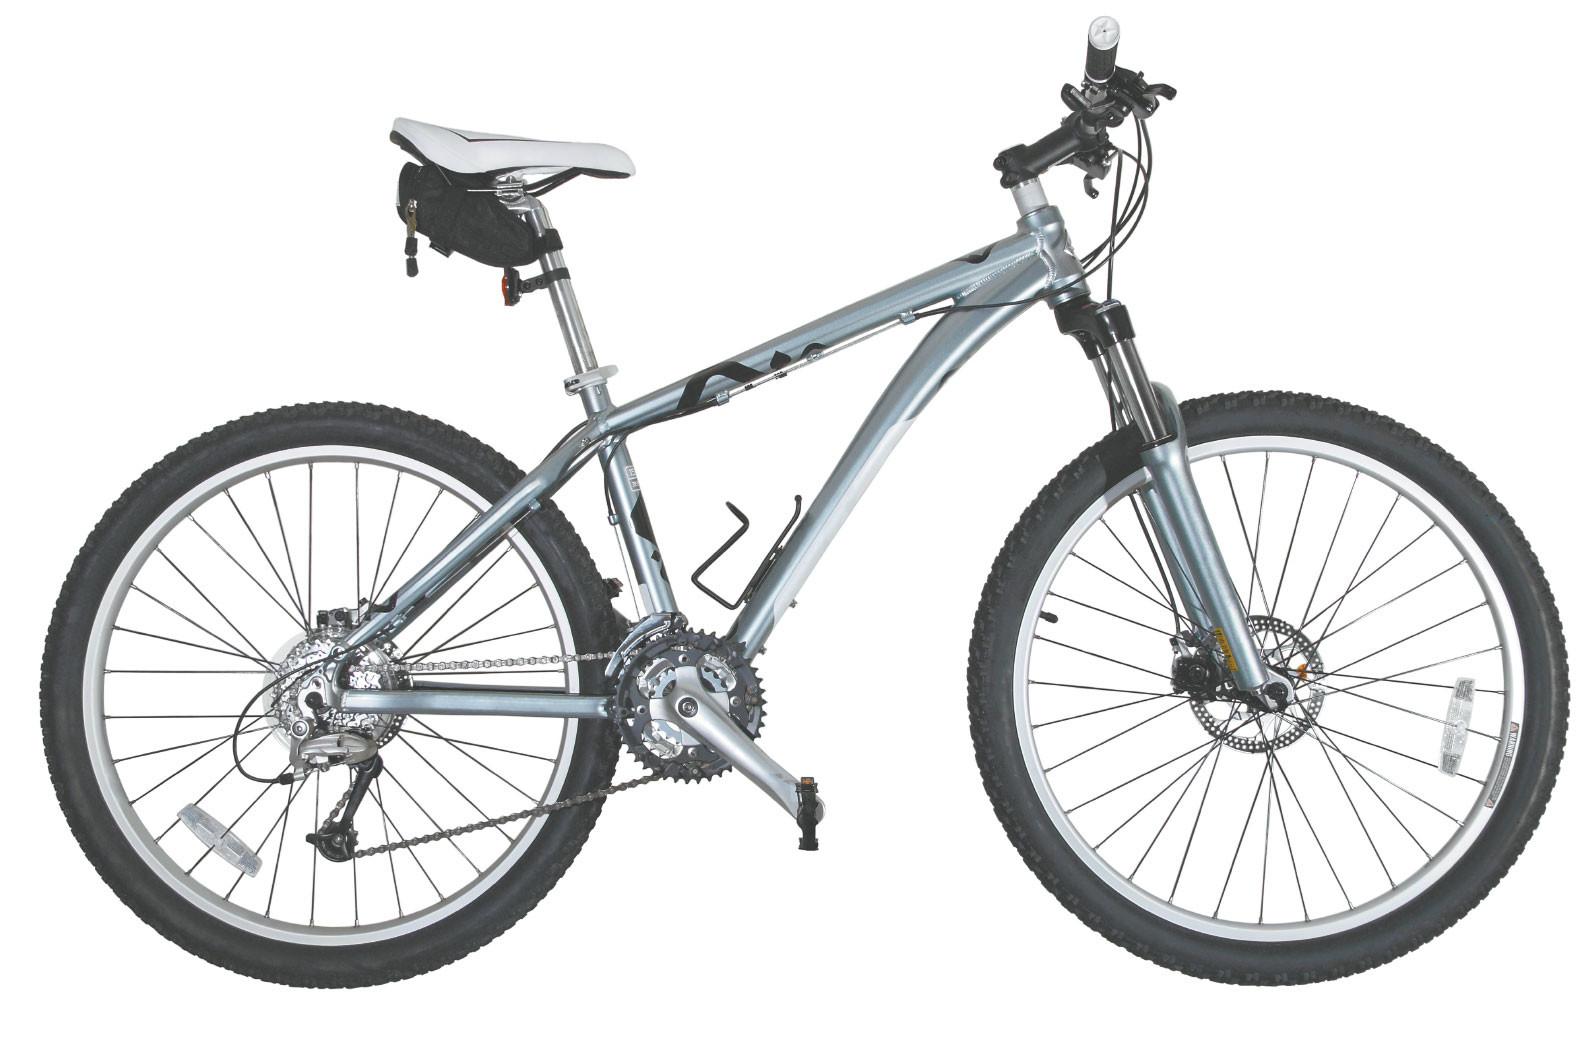 Велосипедные рули. типы и различия